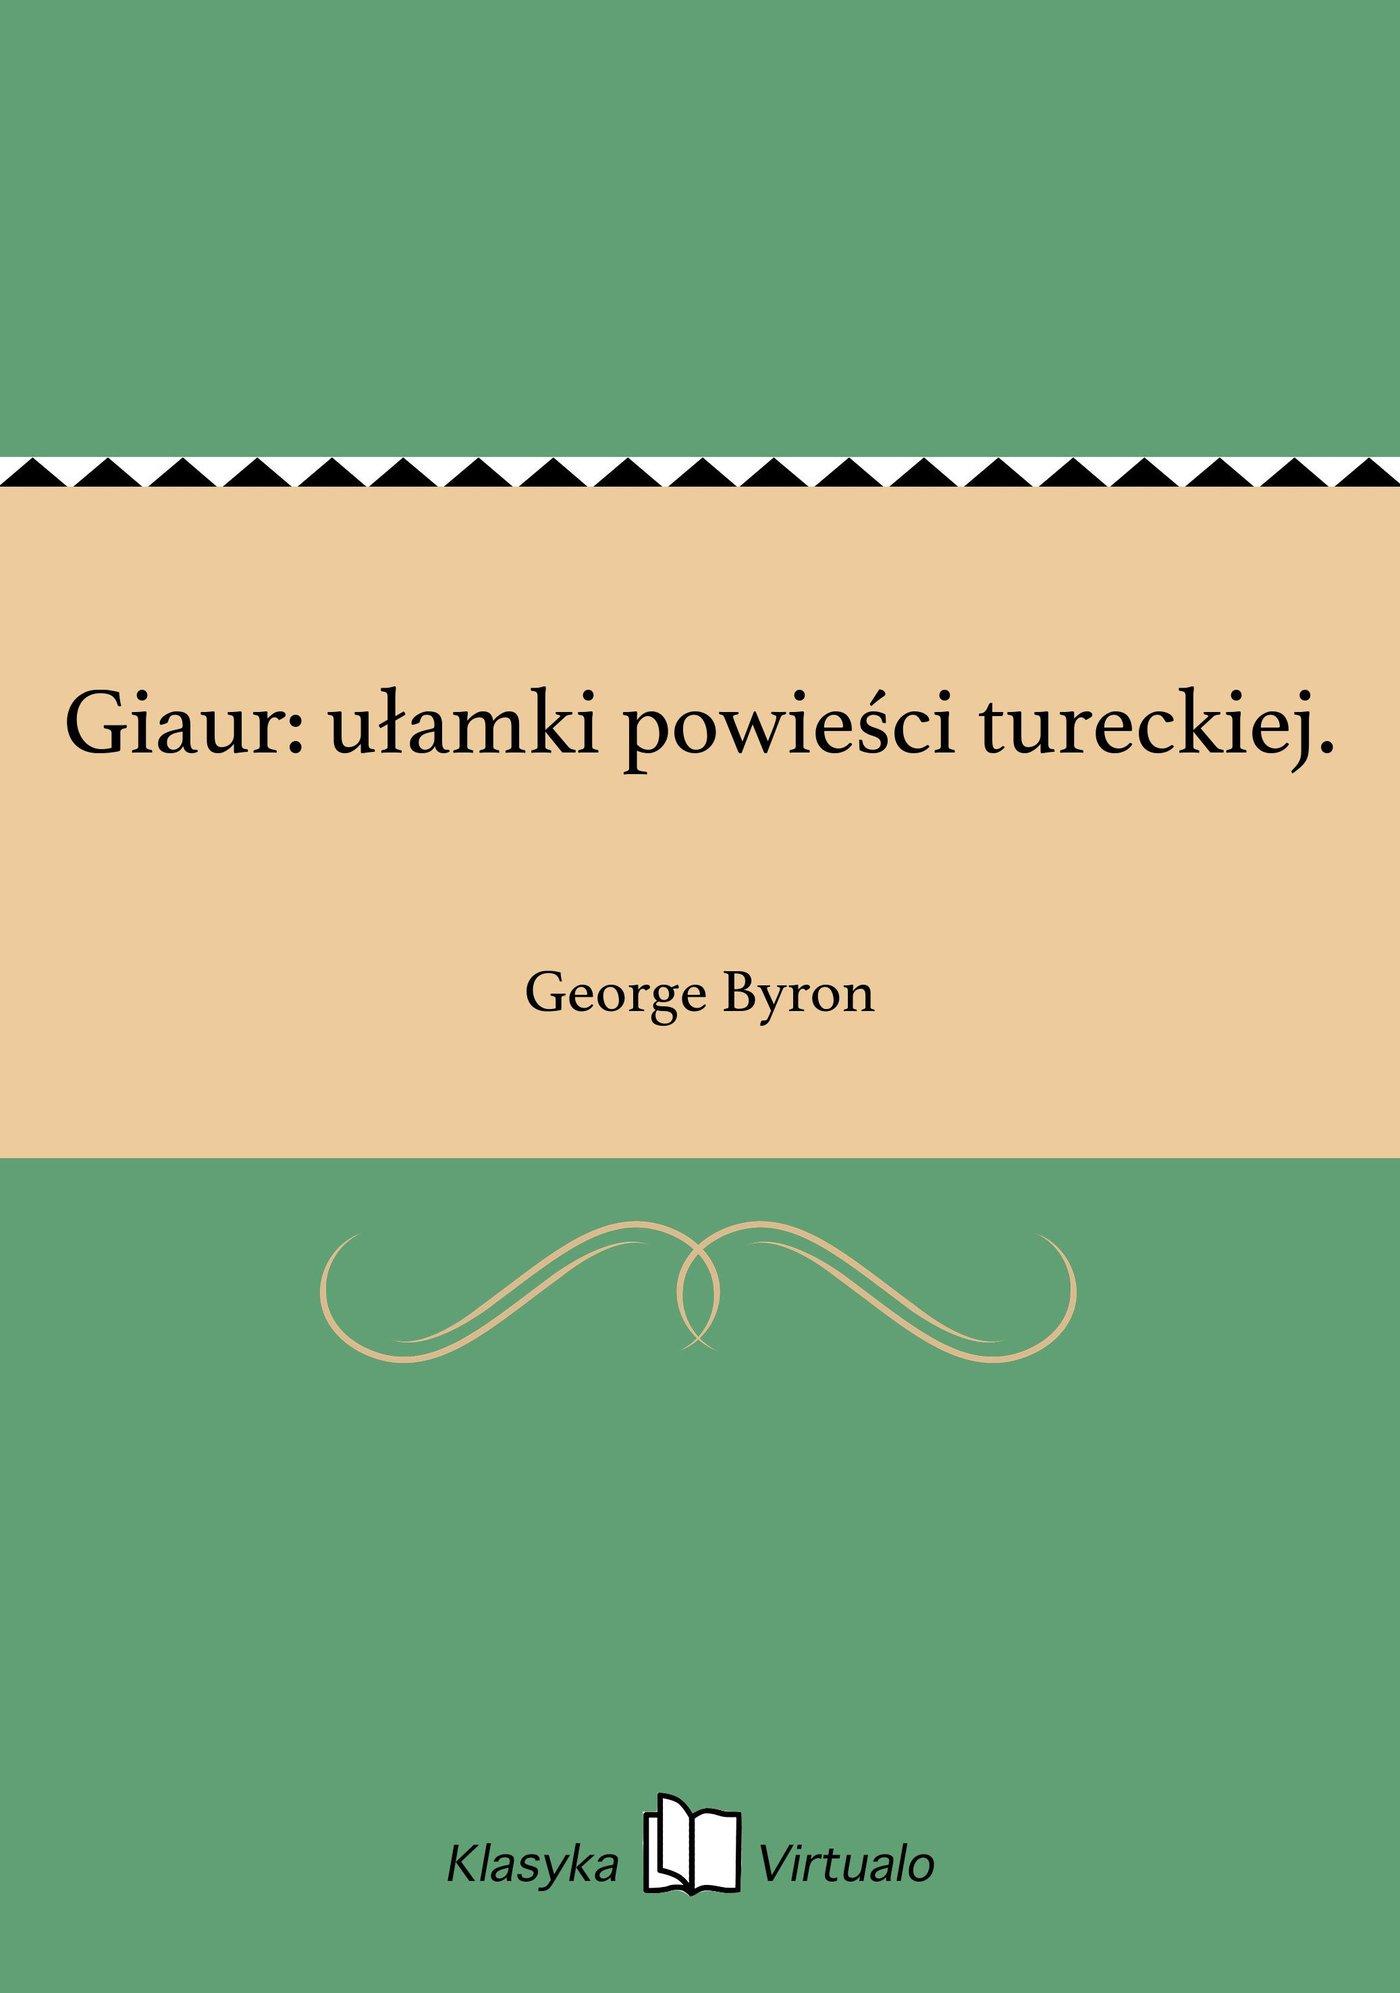 Giaur: ułamki powieści tureckiej. - Ebook (Książka EPUB) do pobrania w formacie EPUB